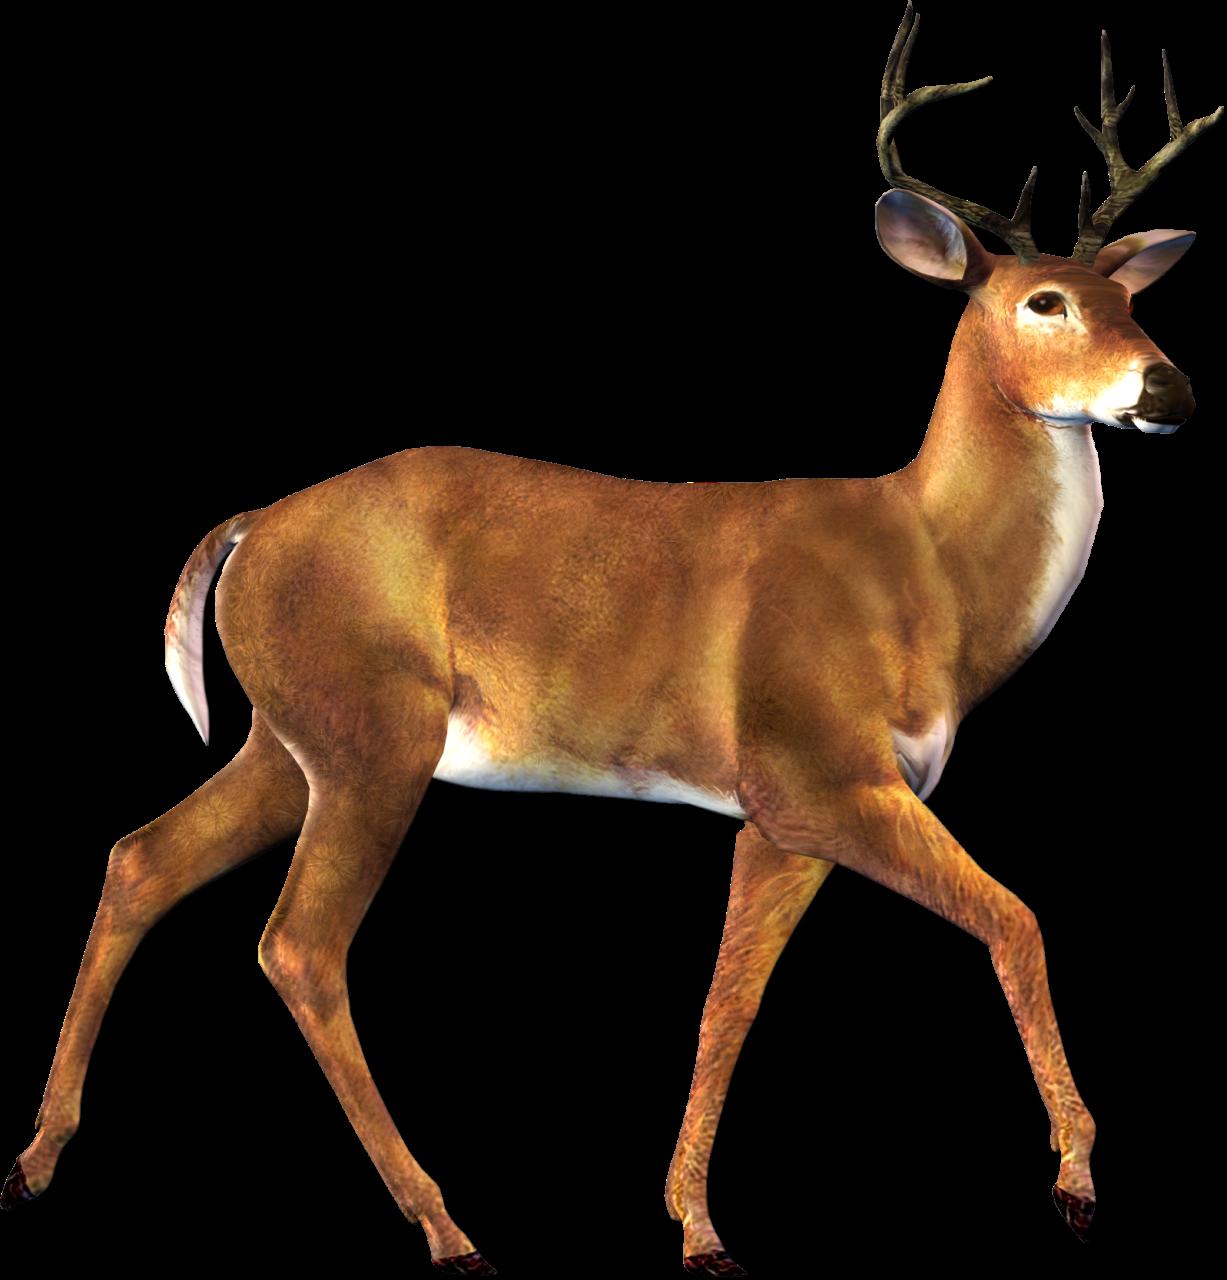 Deer Png Image Deer Art Animals Animals Wild